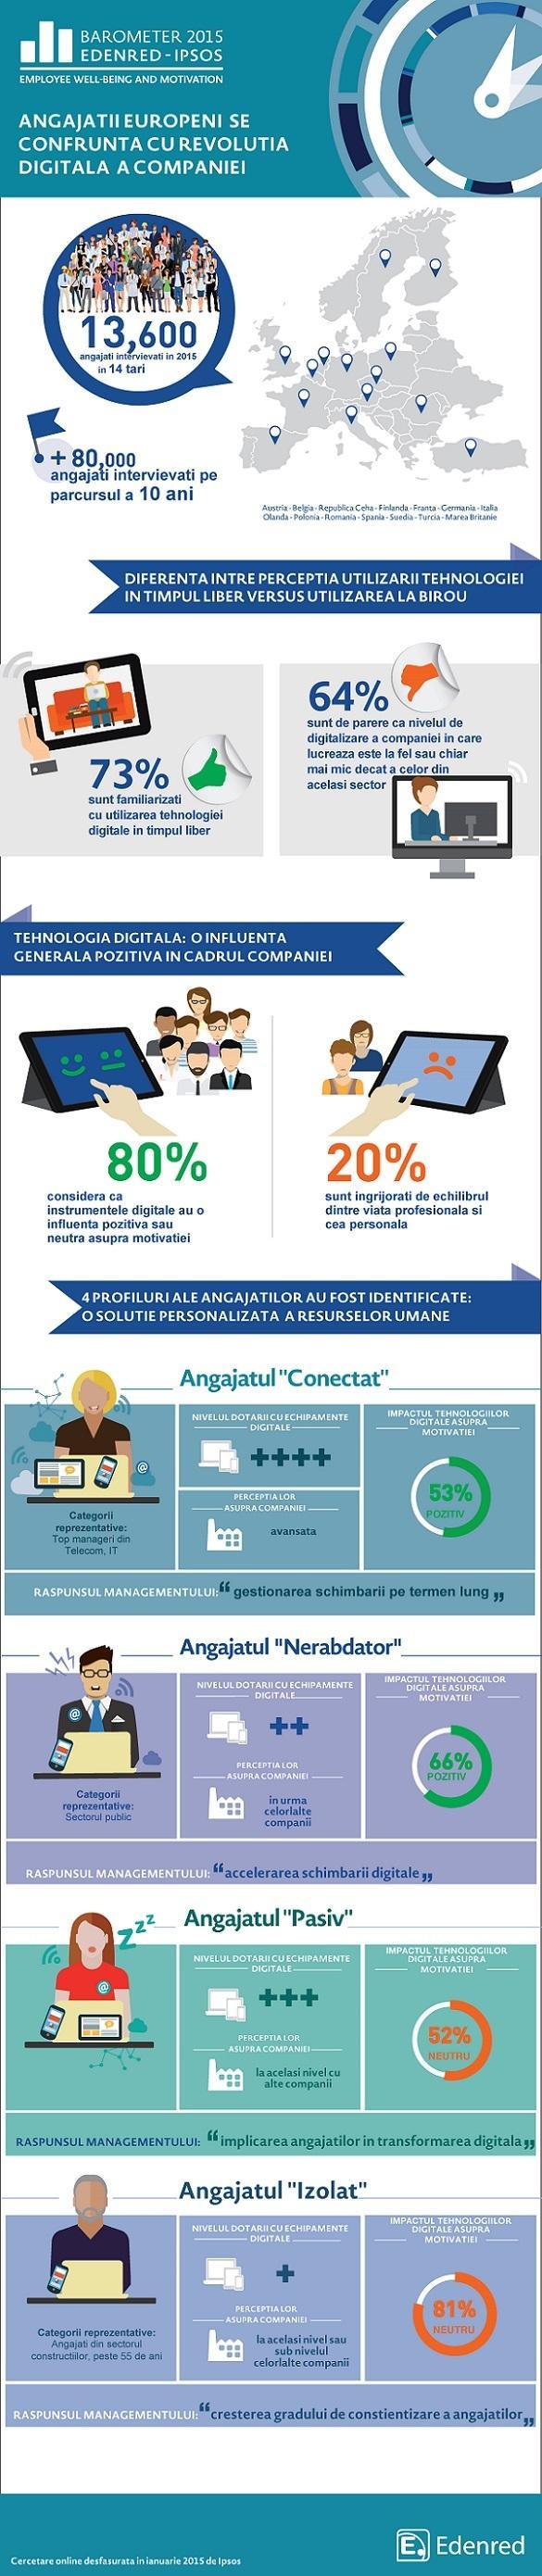 Angajații europeni se confruntă cu revoluția digitală a companiei